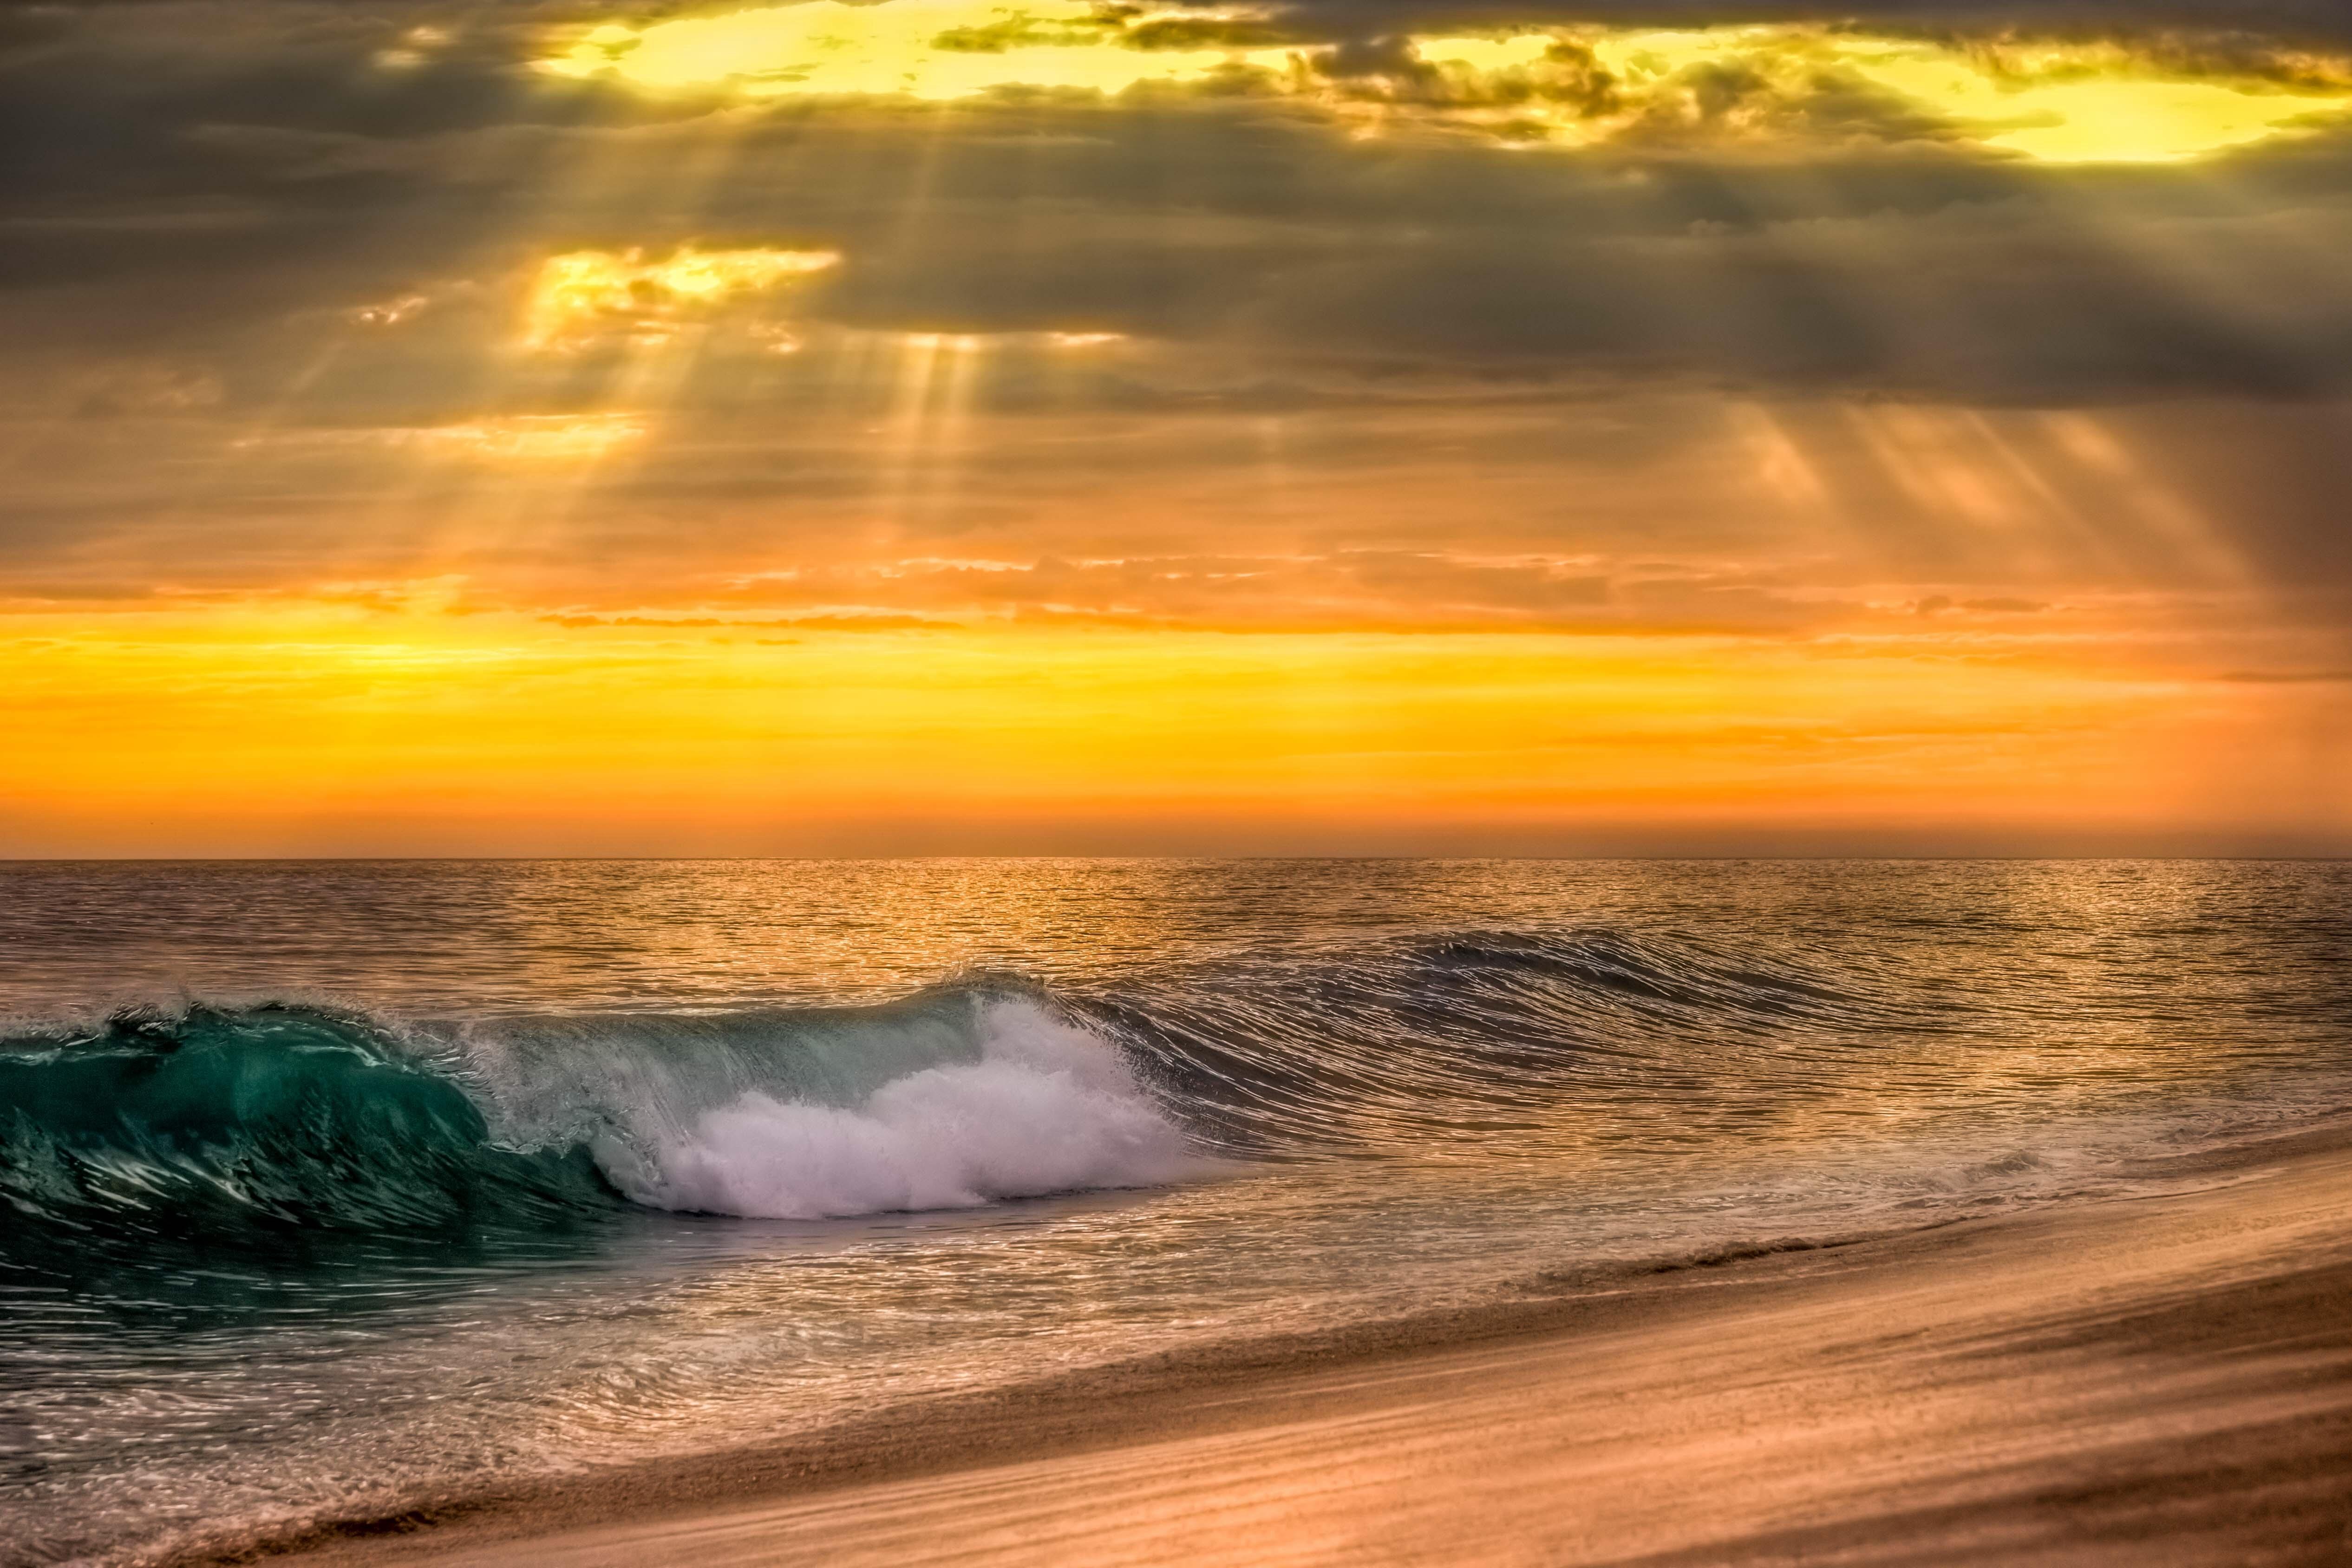 скелетона картинка волна утром что решающие